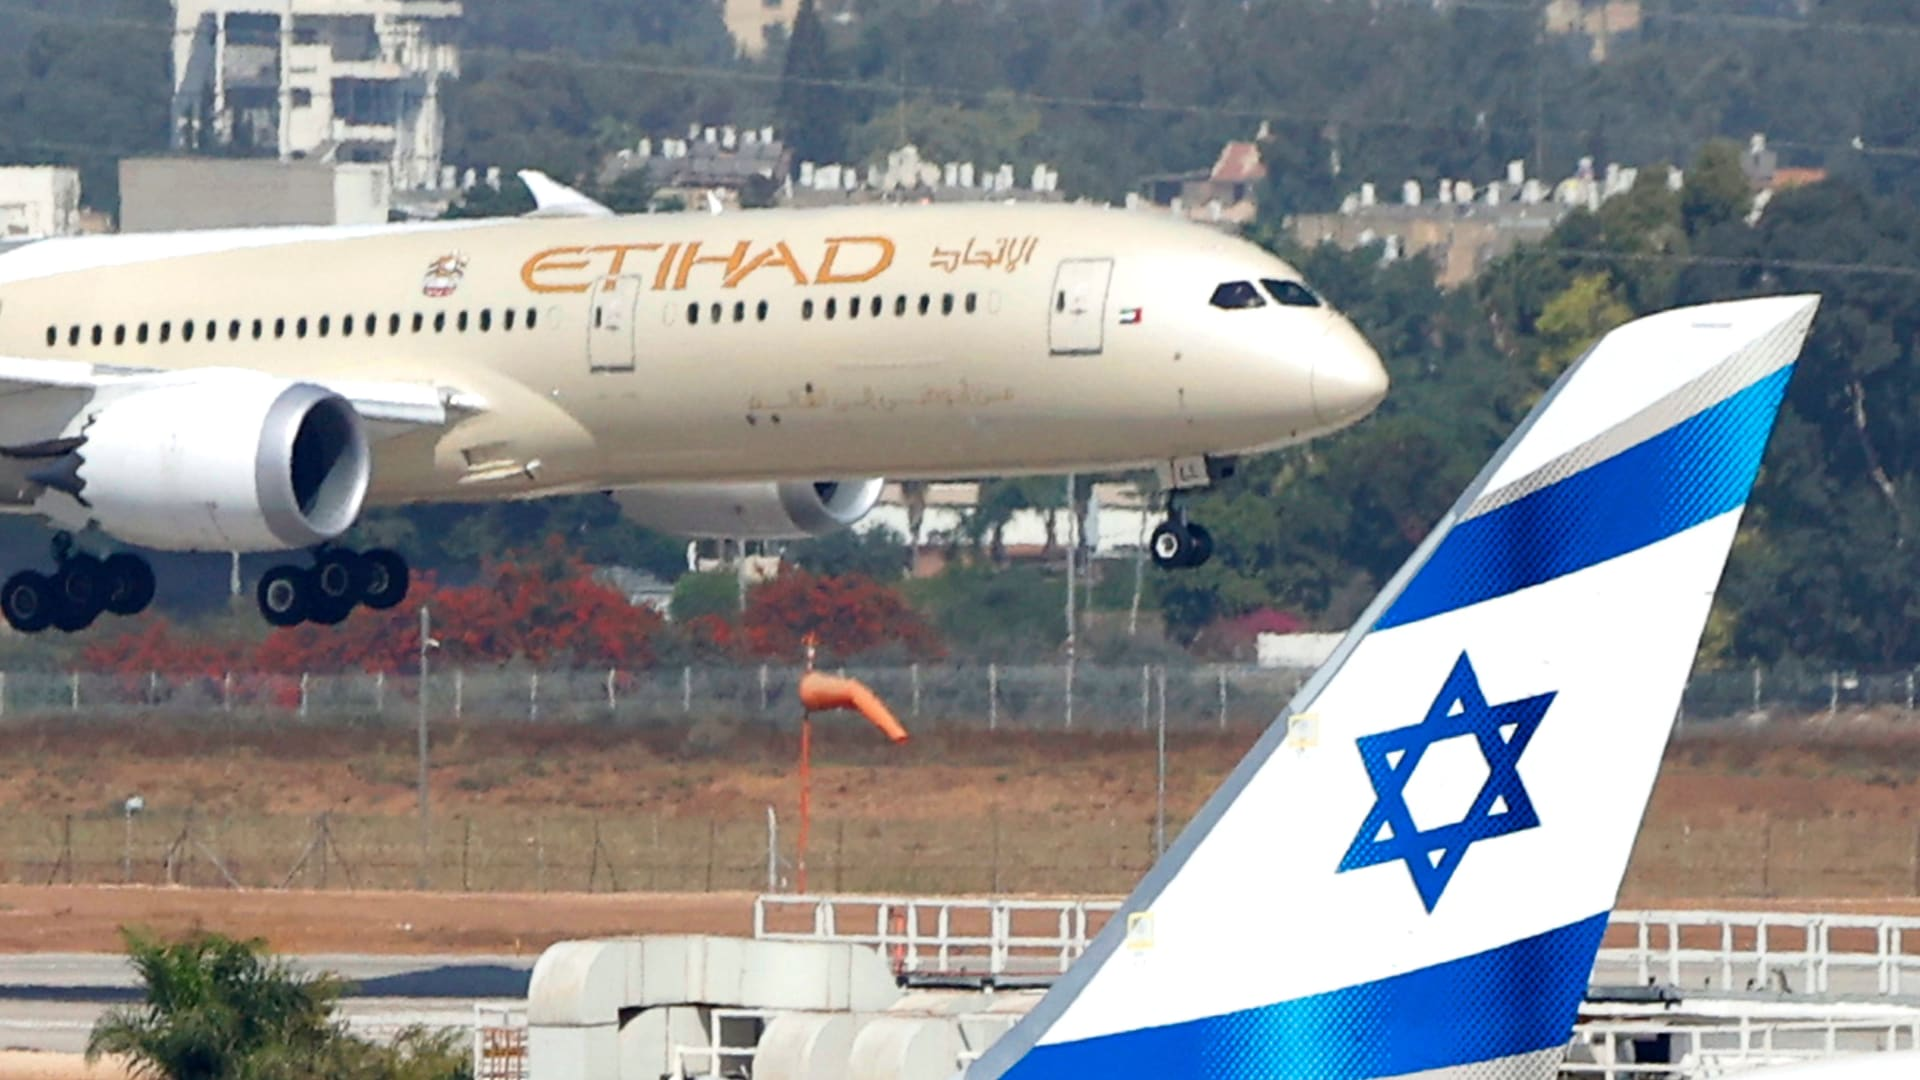 شركة الاتحاد للشحن تضيف تل أبيب إلى شبكة رحلاتها